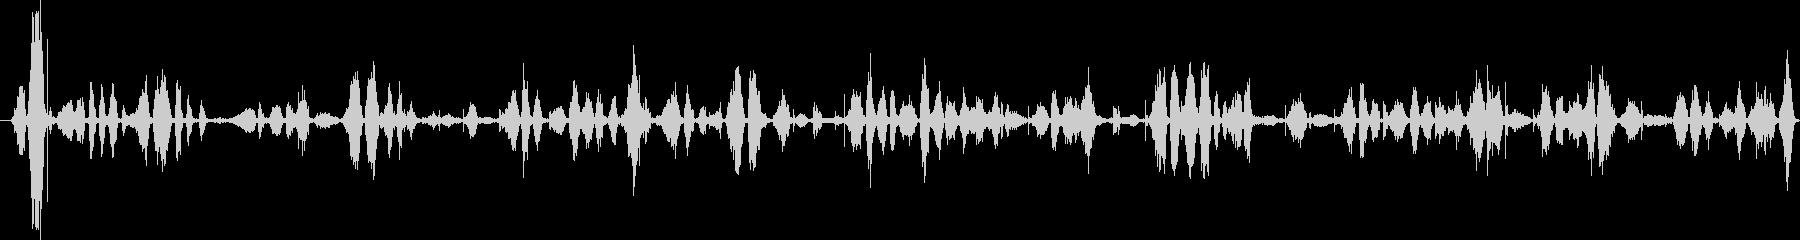 ファインポイントペン:ライティング...の未再生の波形